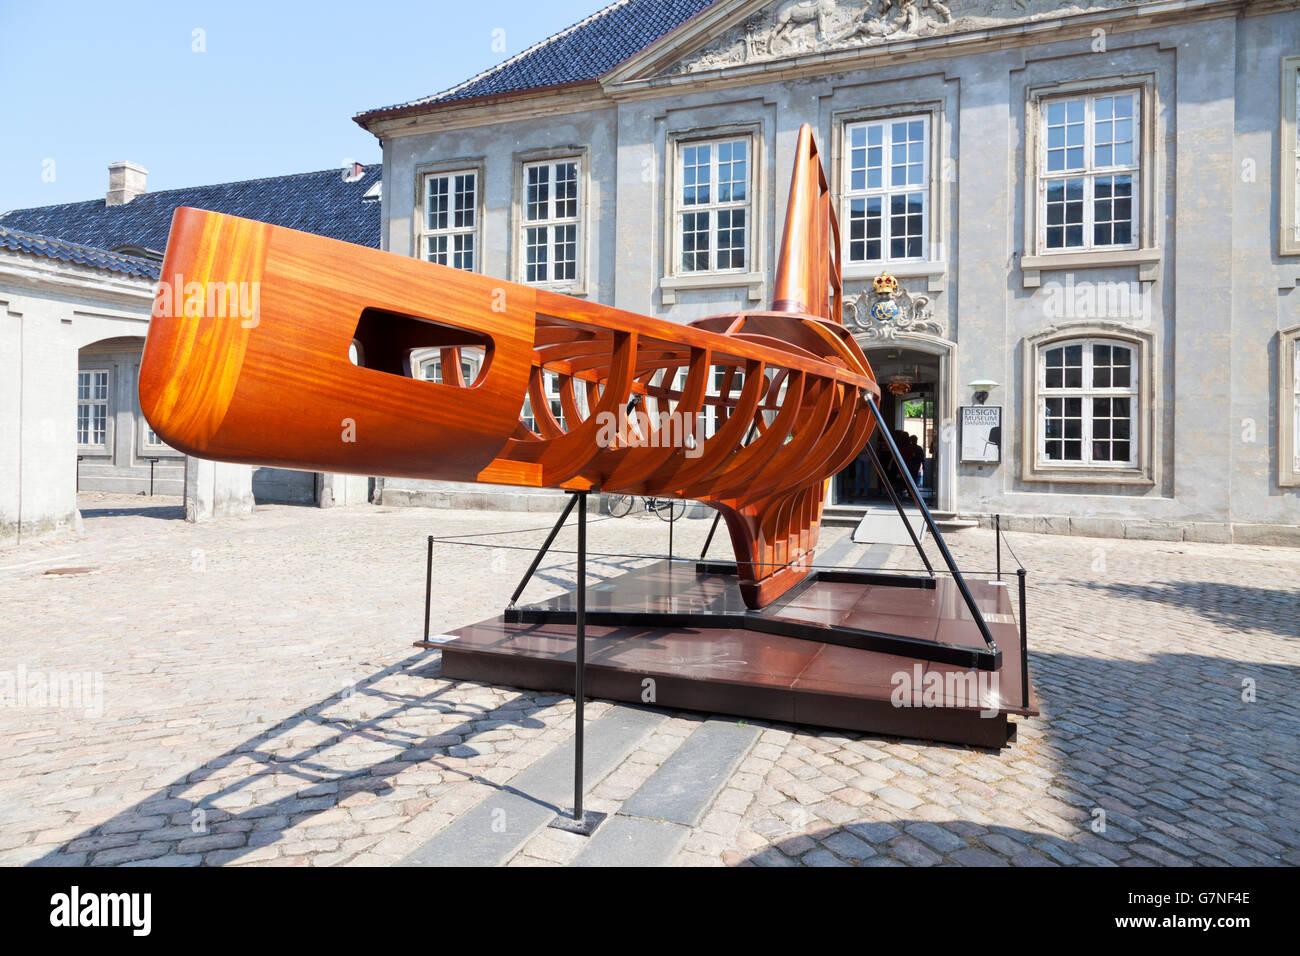 The Spheres exhibition at the Design Museum in Copenhagen, Designmuseum Danmark, - Stock Image